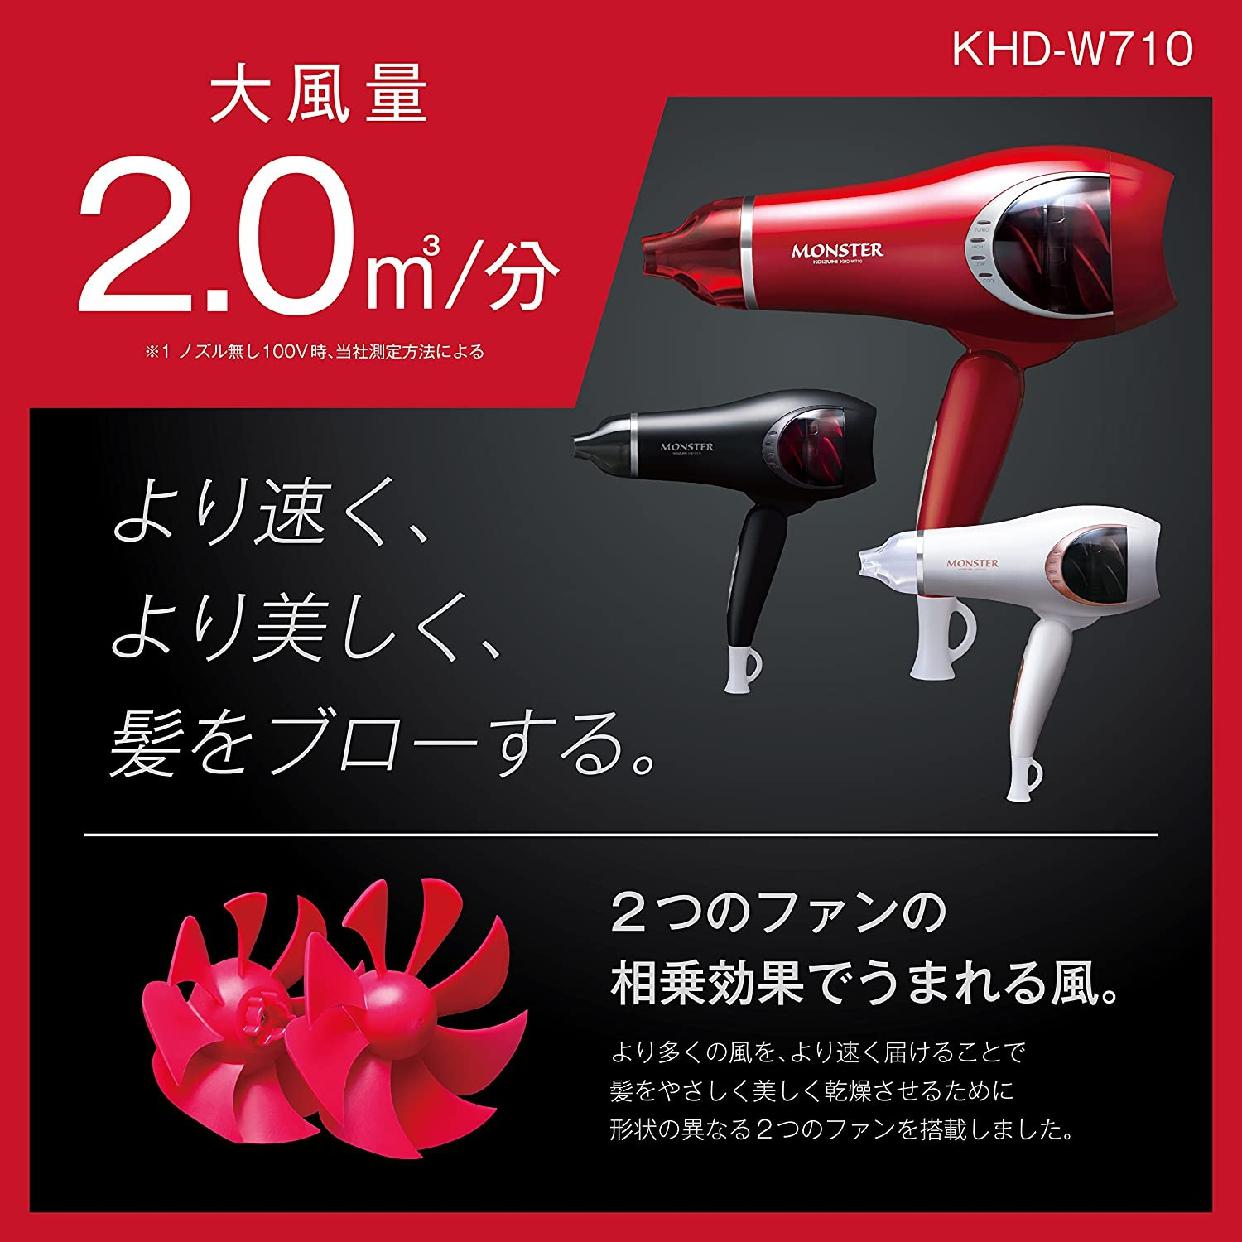 KOIZUMI(コイズミ) MONSTER ダブルファンドライヤー KHD-W710の商品画像6